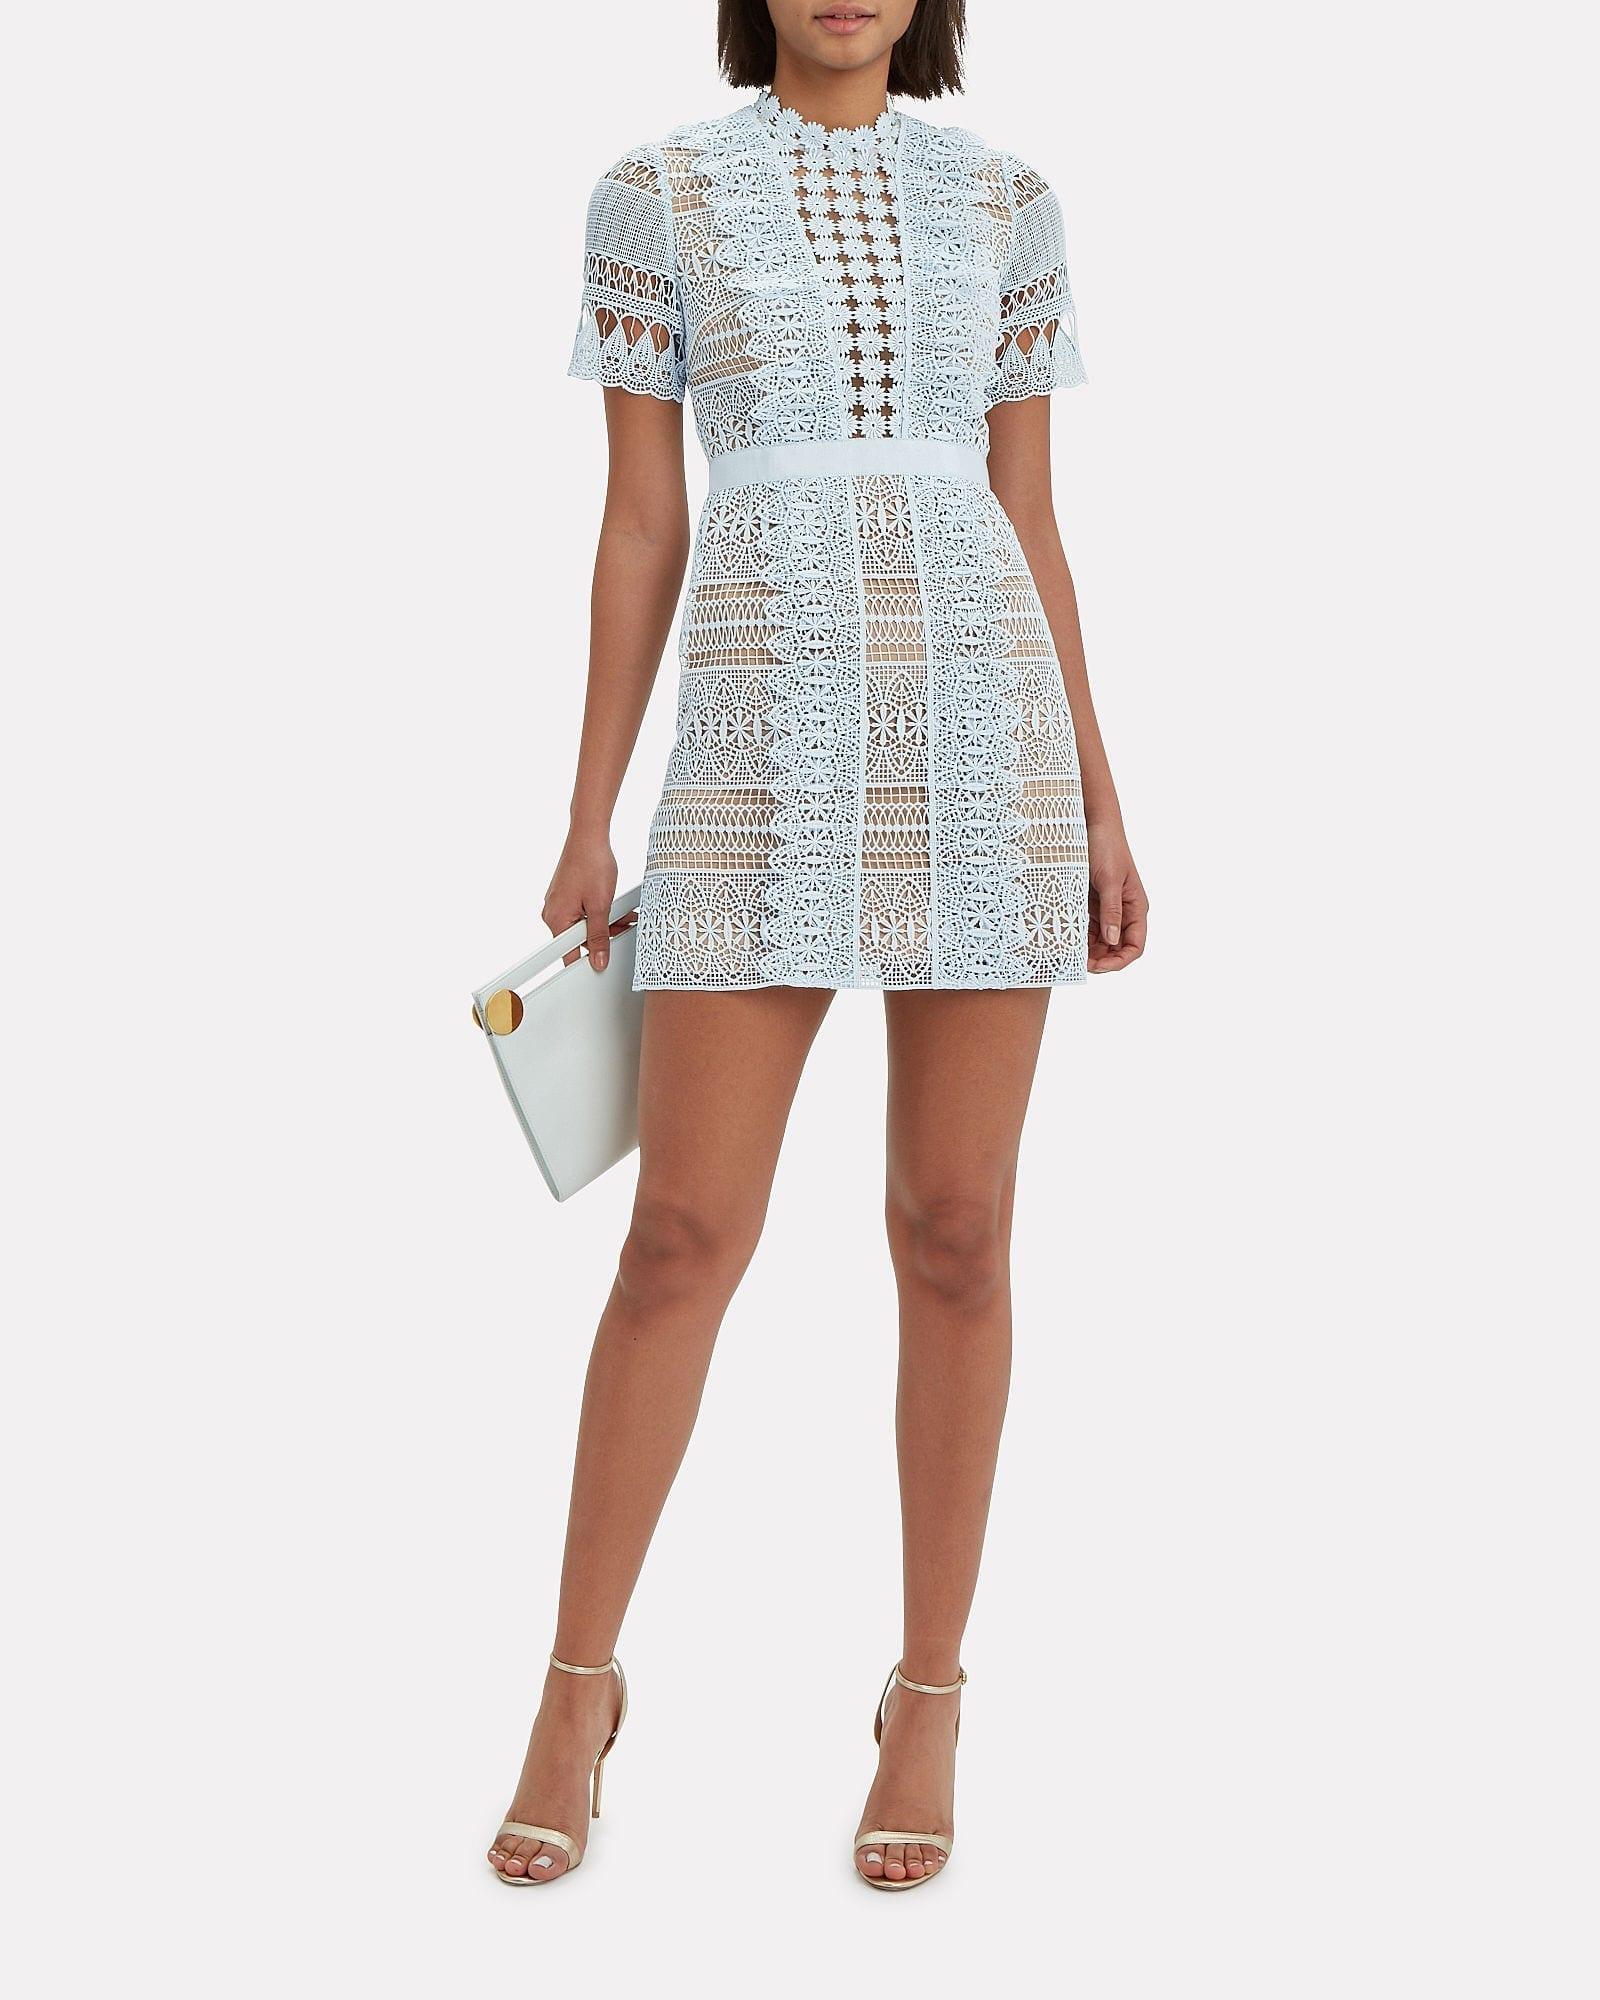 SELF-PORTRAIT Lace Mini Light Blue / Nude Dress